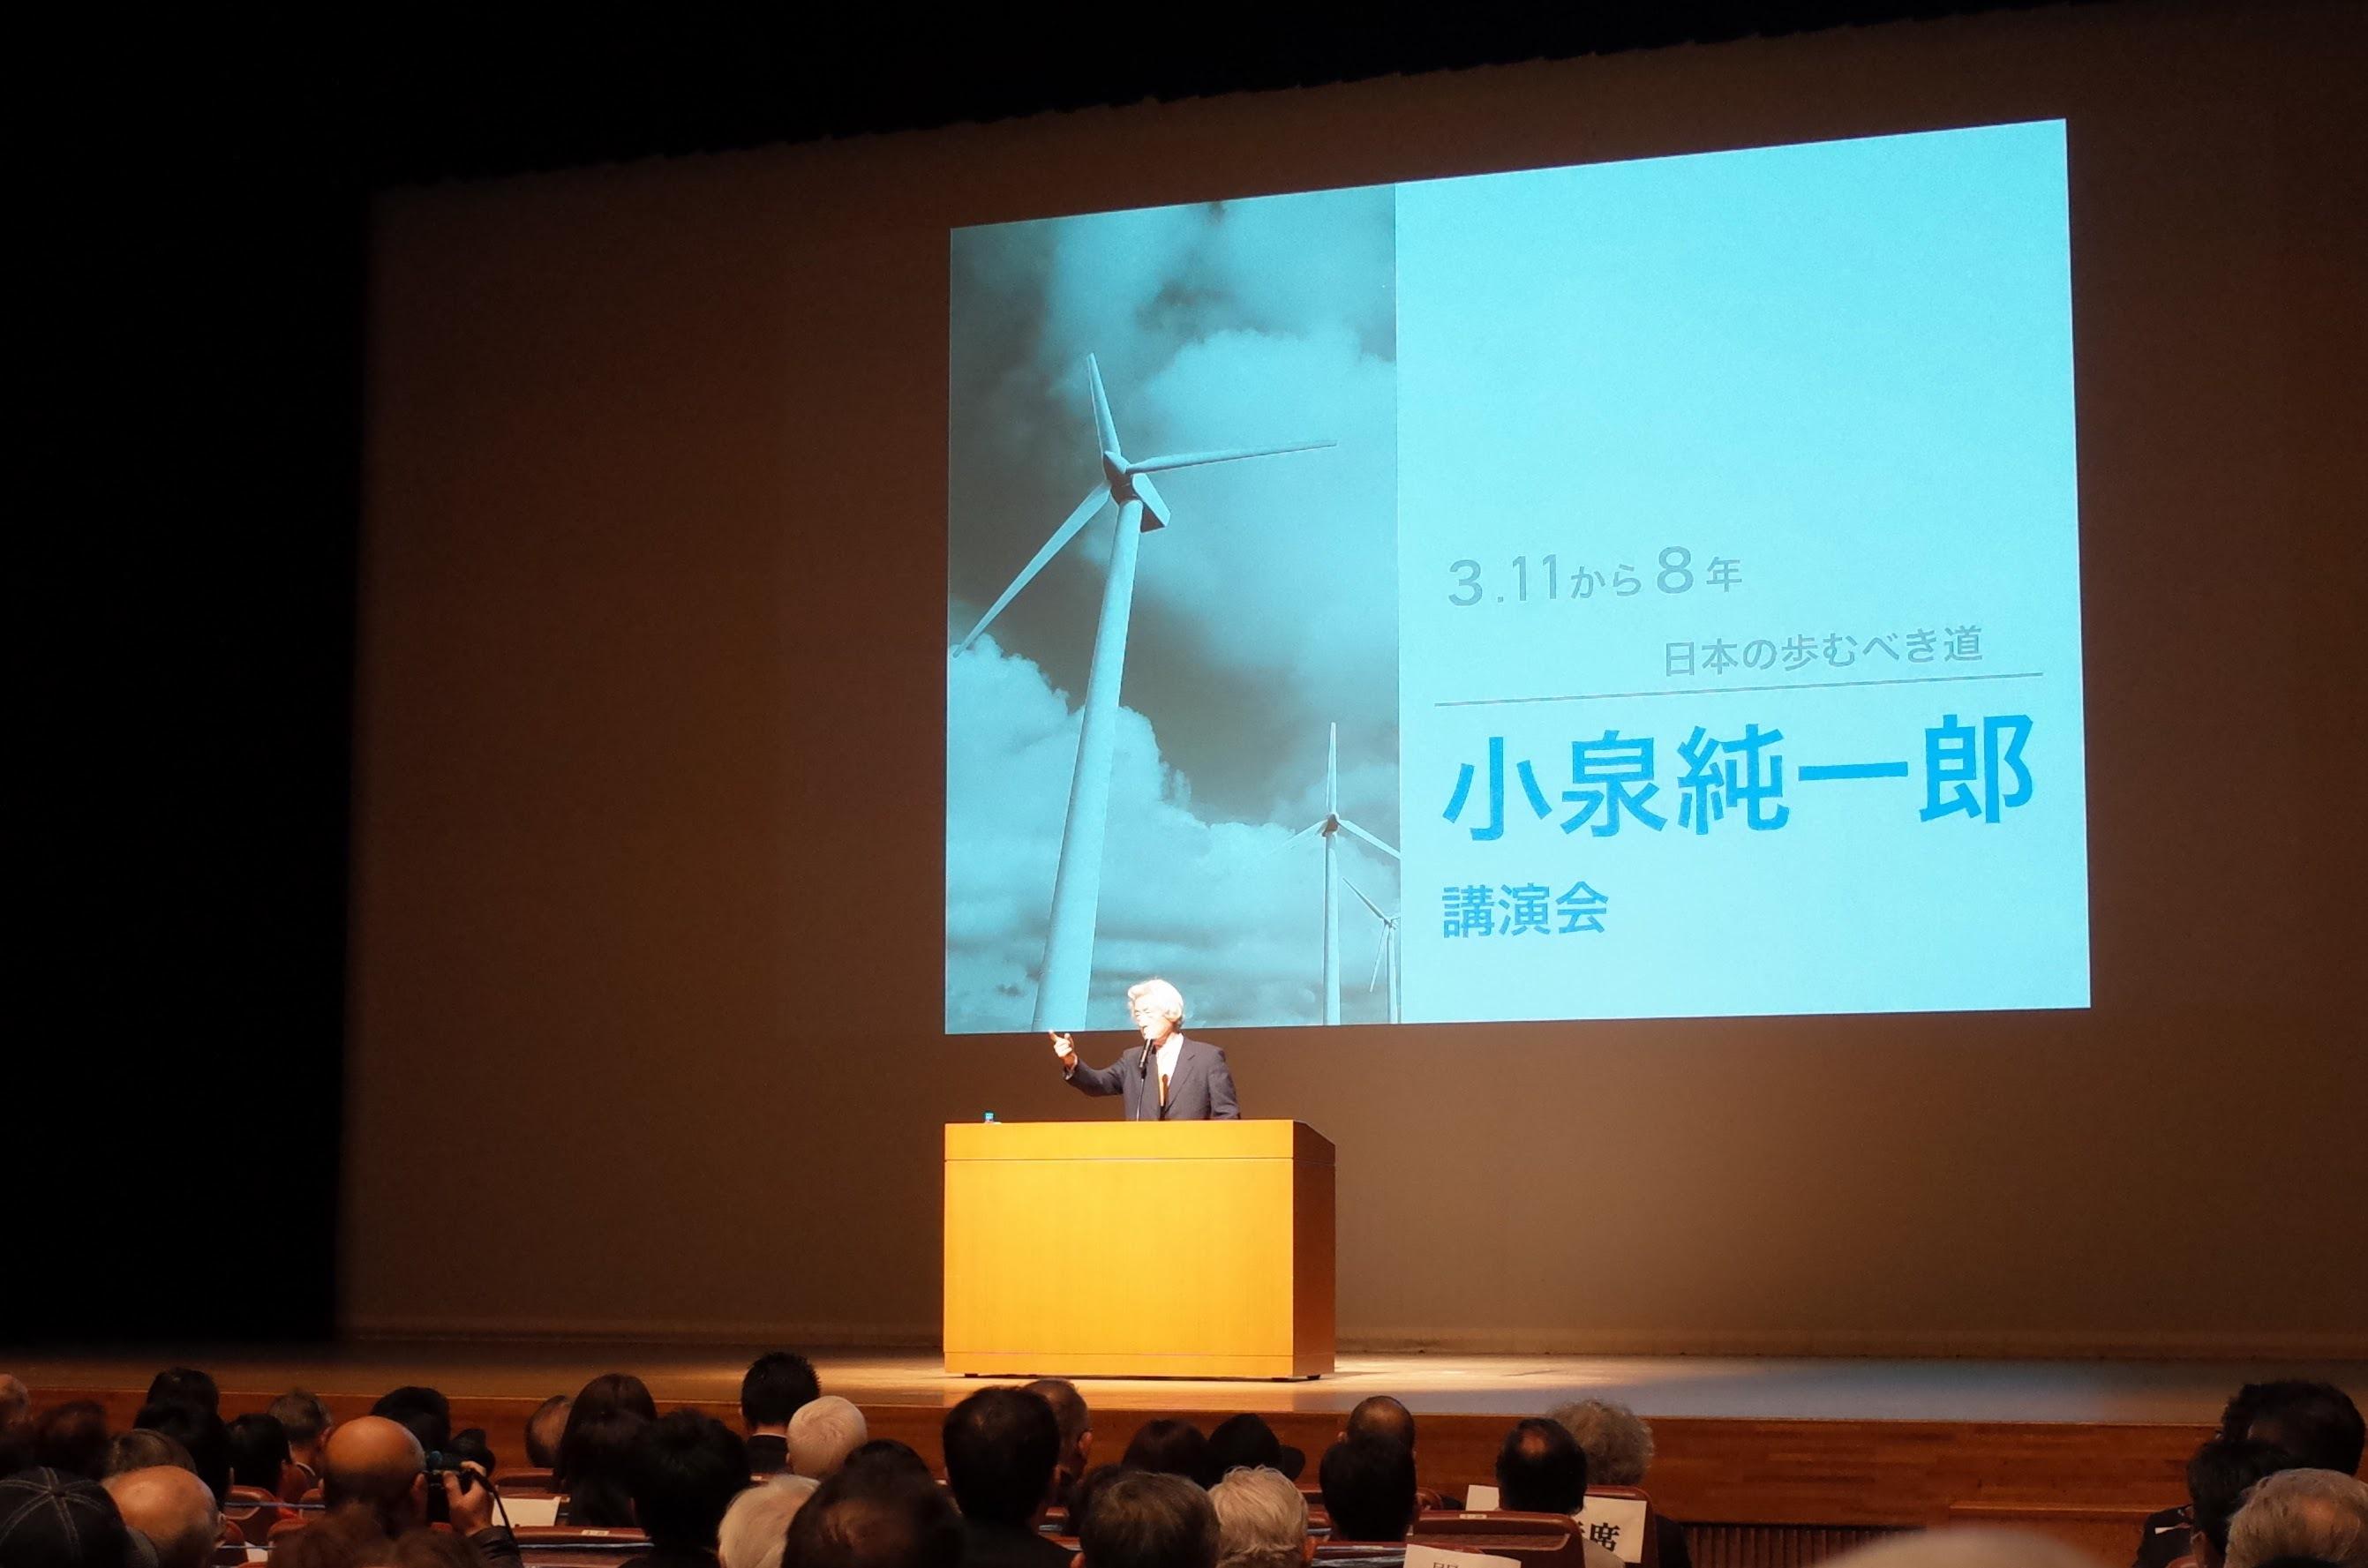 3.11から8年--日本の歩むべき道 小泉純一郎講演会_d0004728_14545031.jpg